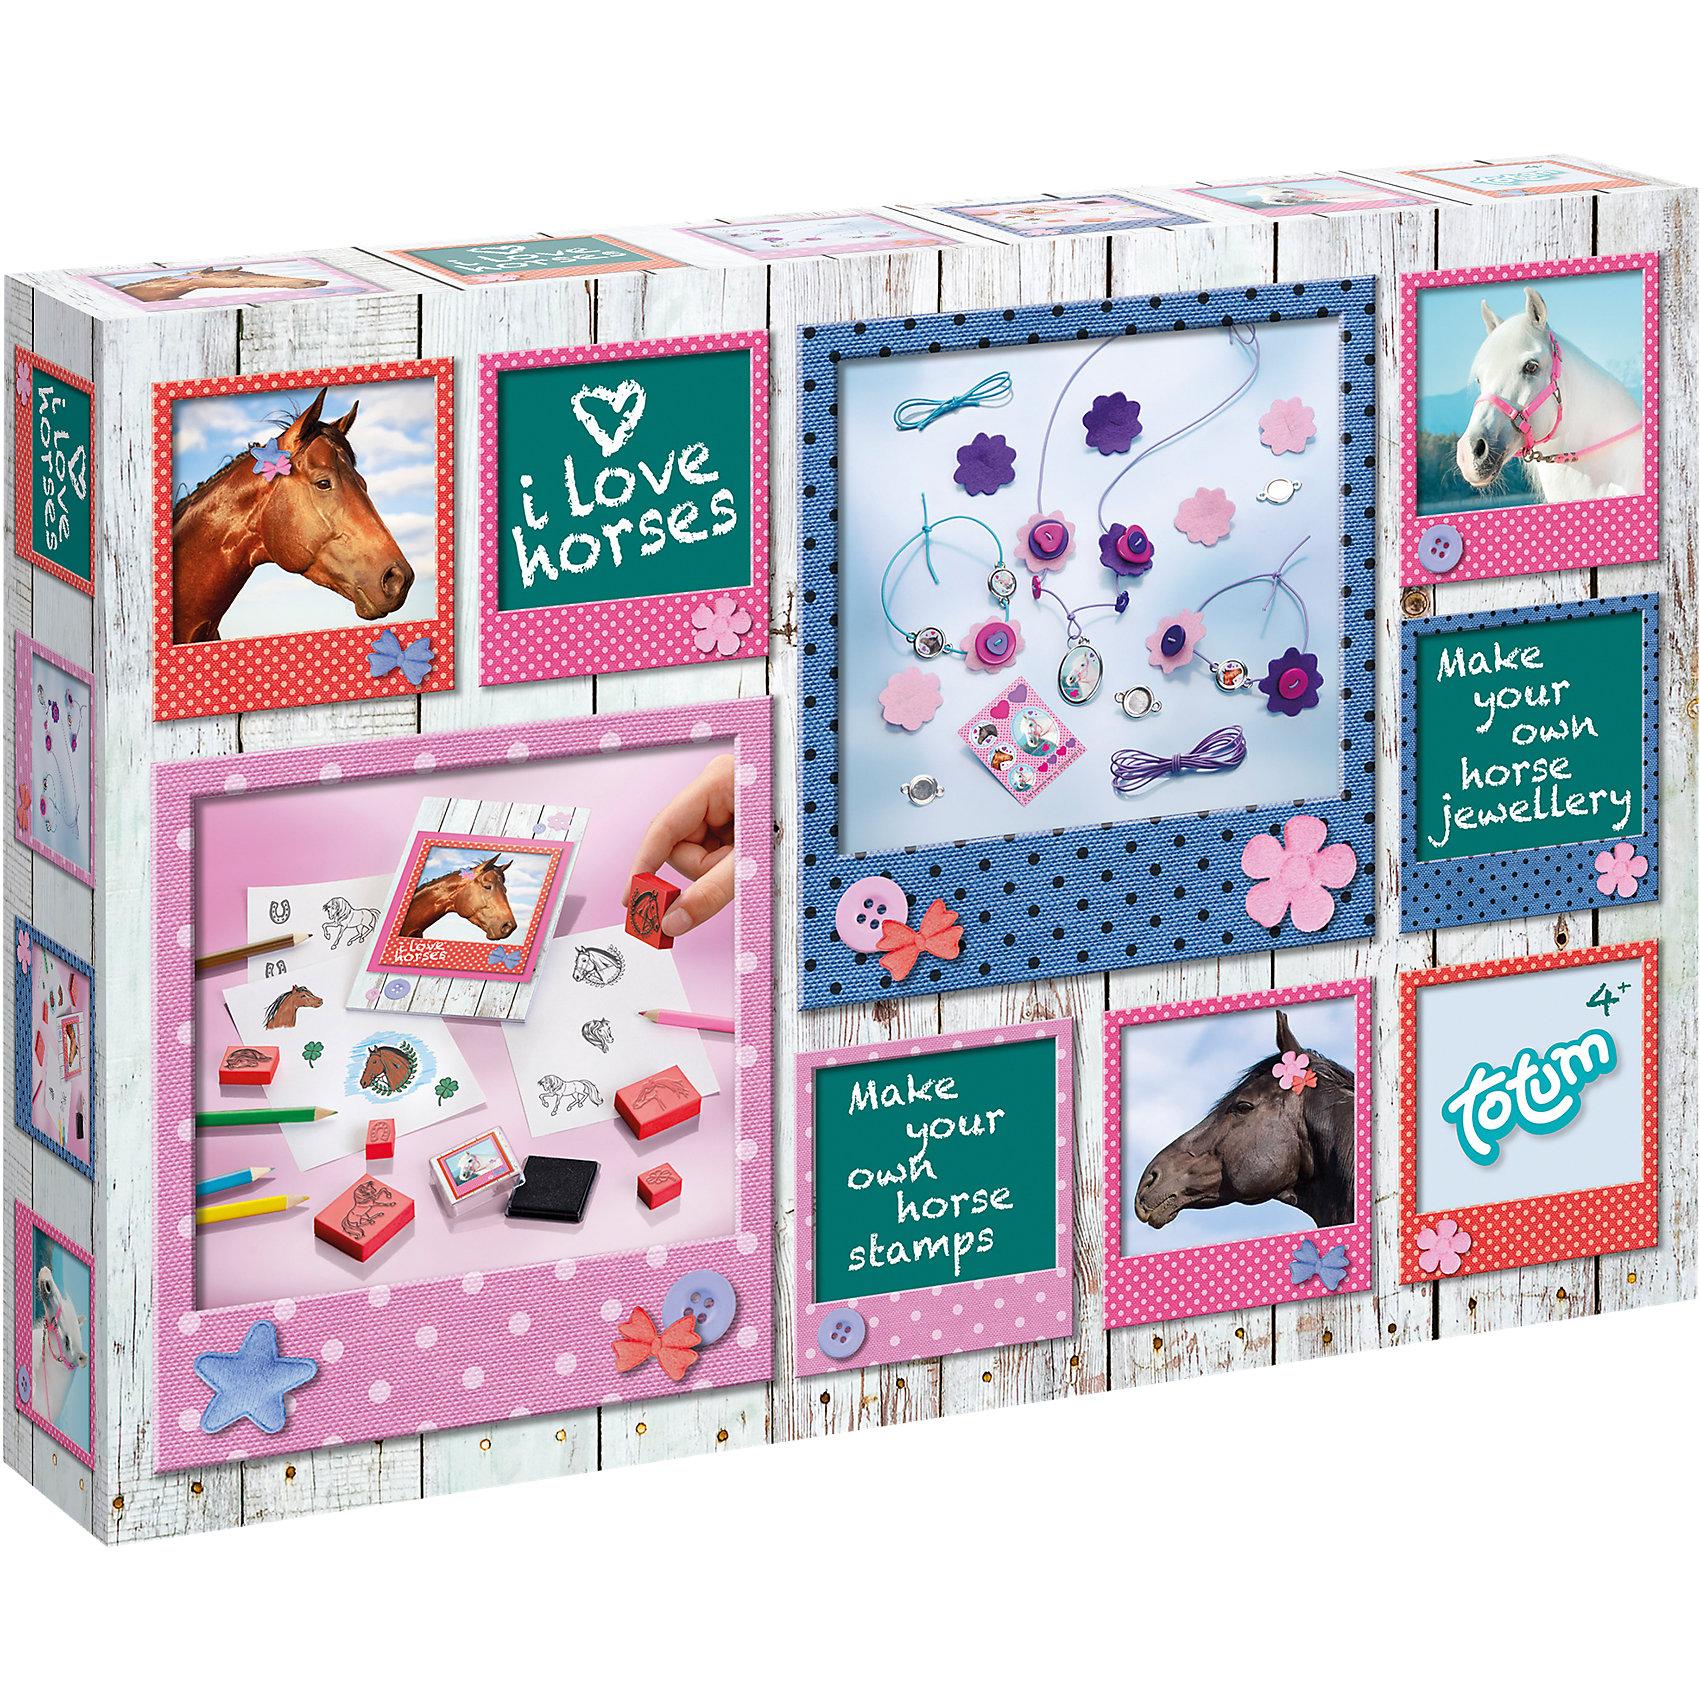 TOTUM Набор для творчества Люблю лошадок наборы для творчества татой набор для творчества насыпь на клей белочка